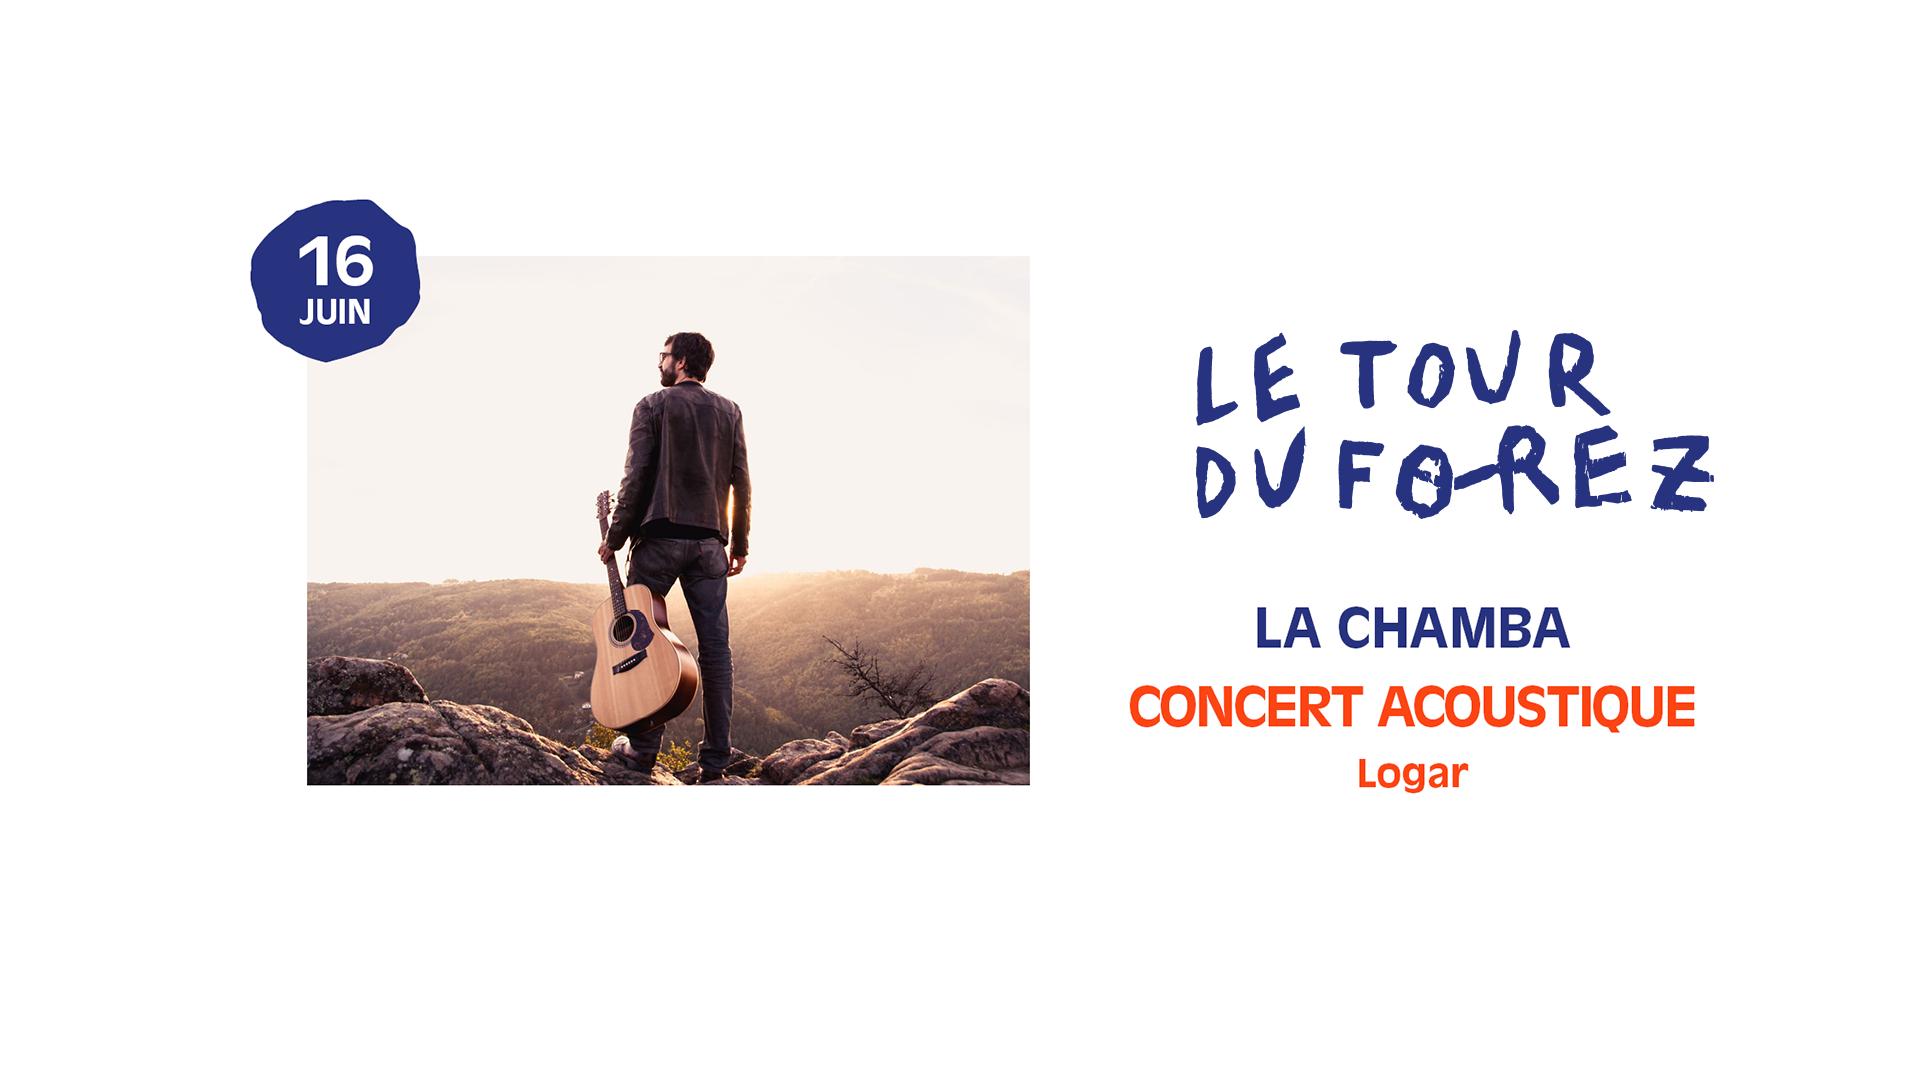 Concert acoustique de Logar